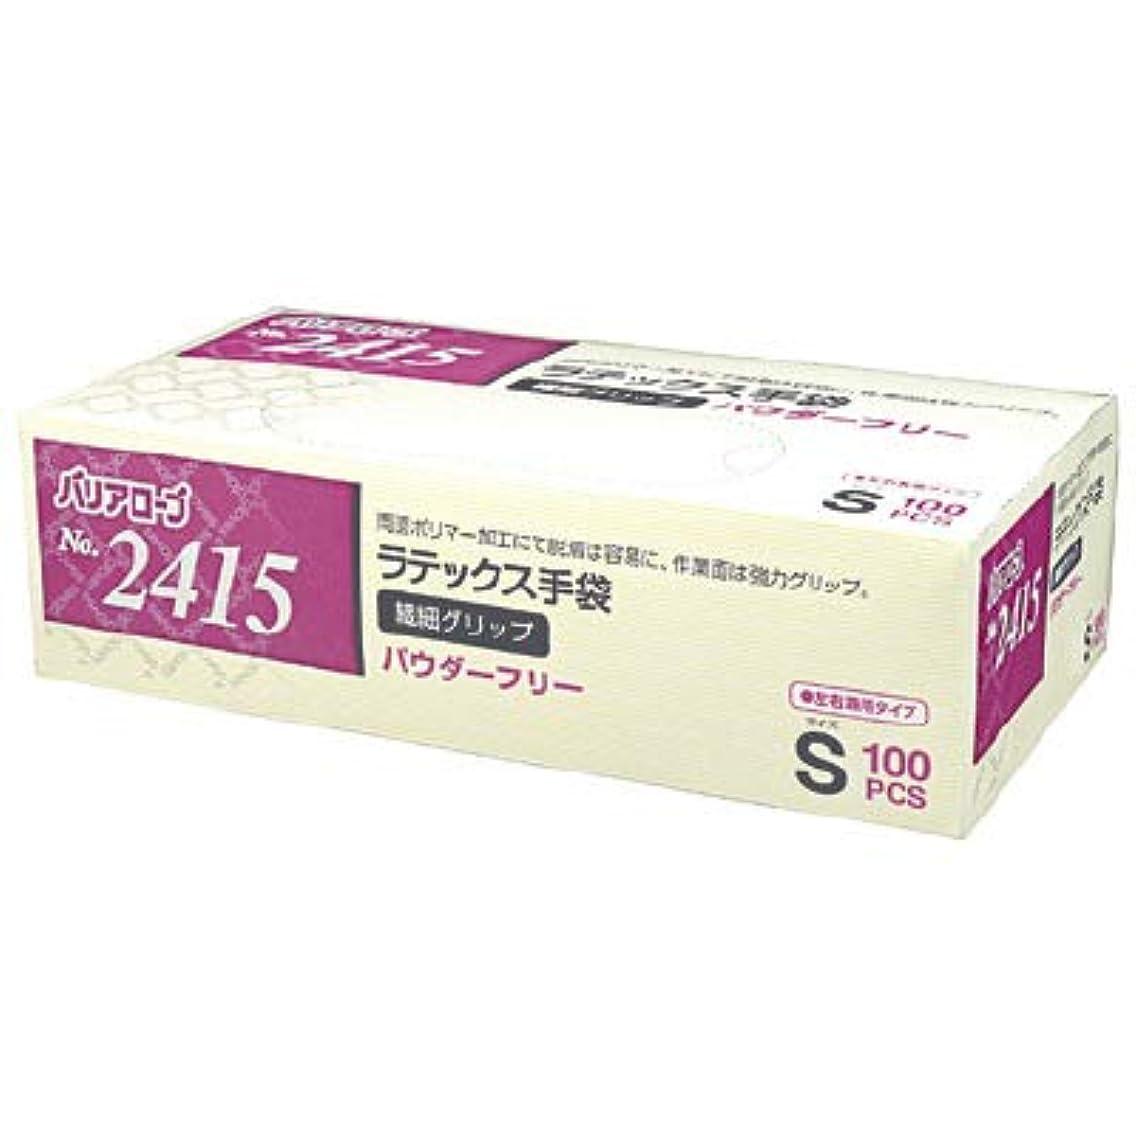 【ケース販売】 バリアローブ №2415 ラテックス手袋 繊細グリップ (パウダーフリー) S 2000枚(100枚×20箱)